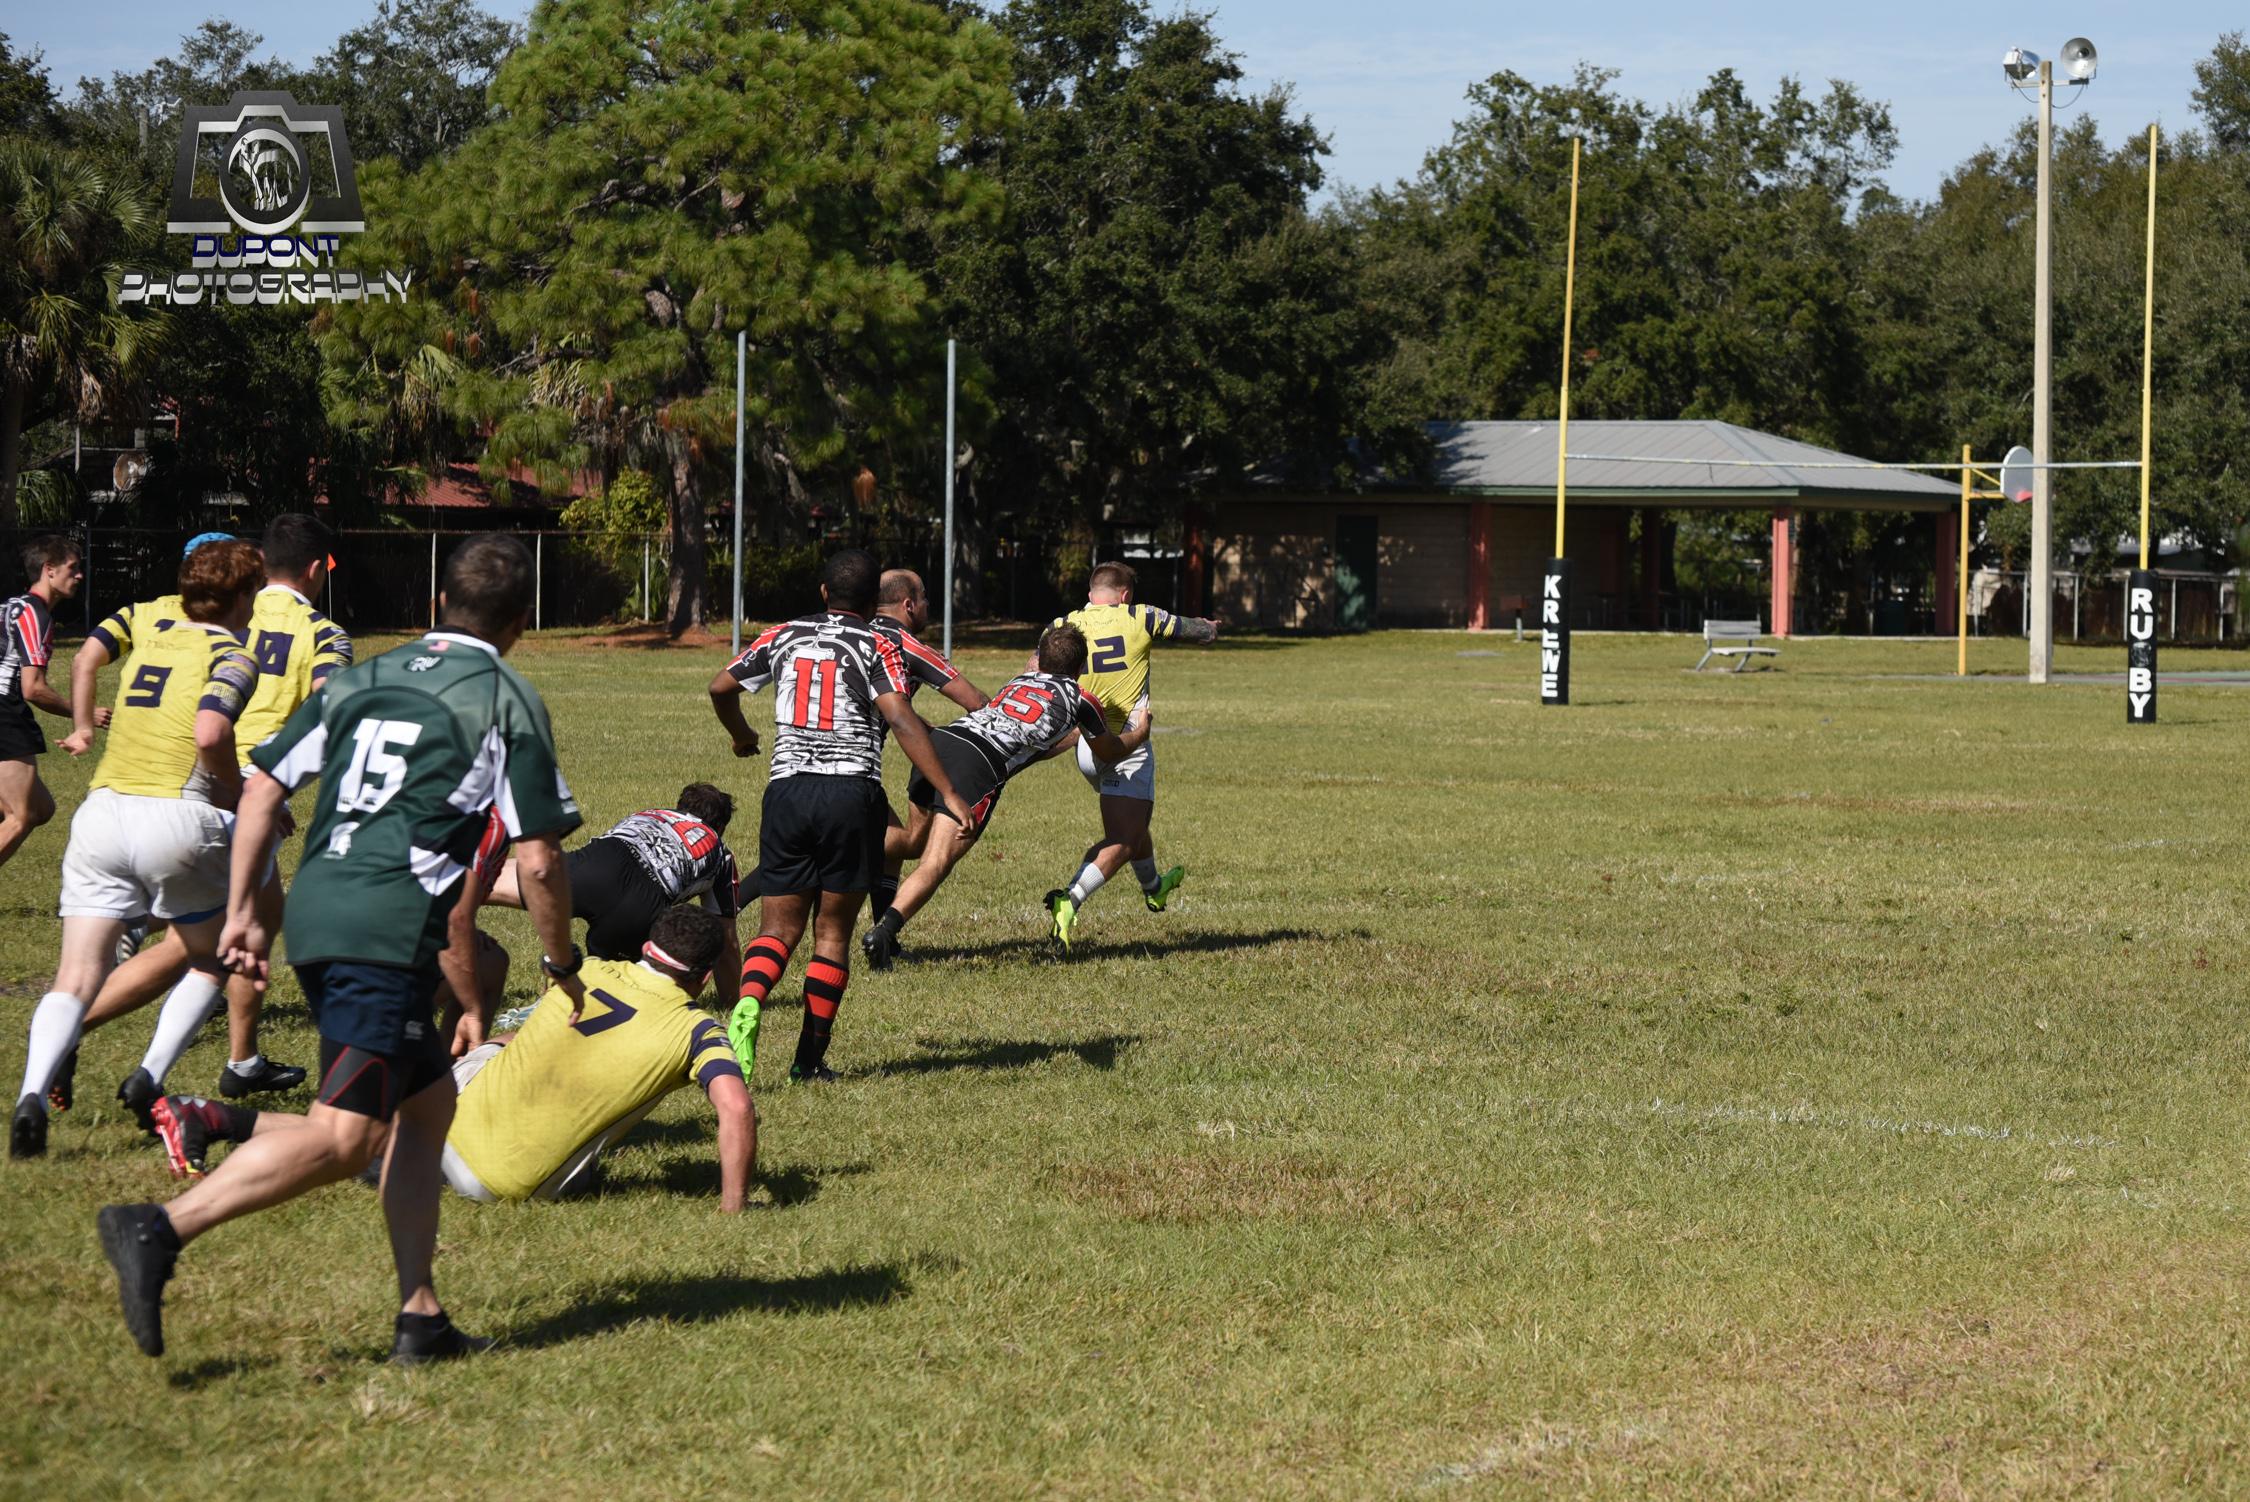 2019-01-19 Rugby-729-14.jpg